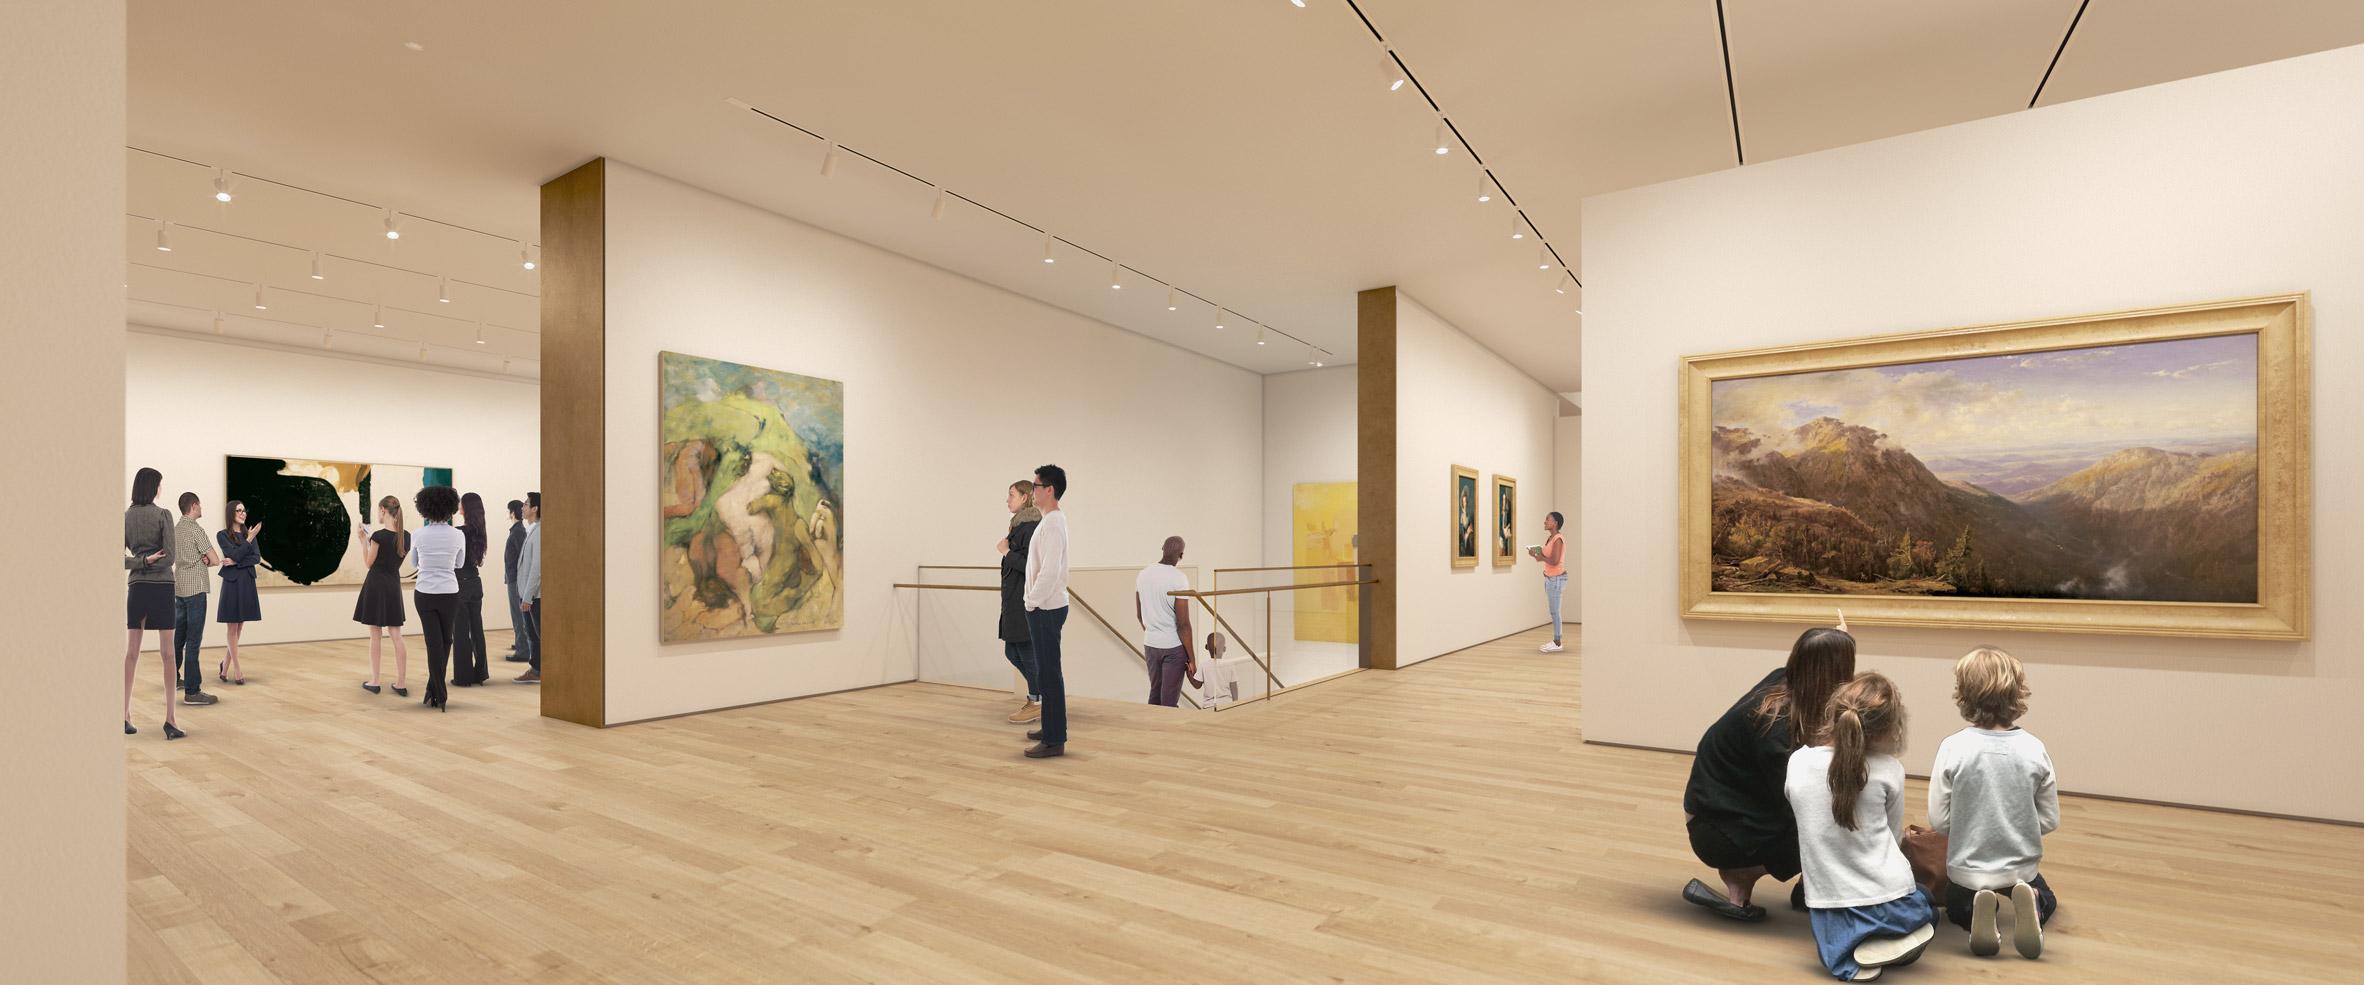 Hood Museum of Art by Tod Williams Billie Tsien